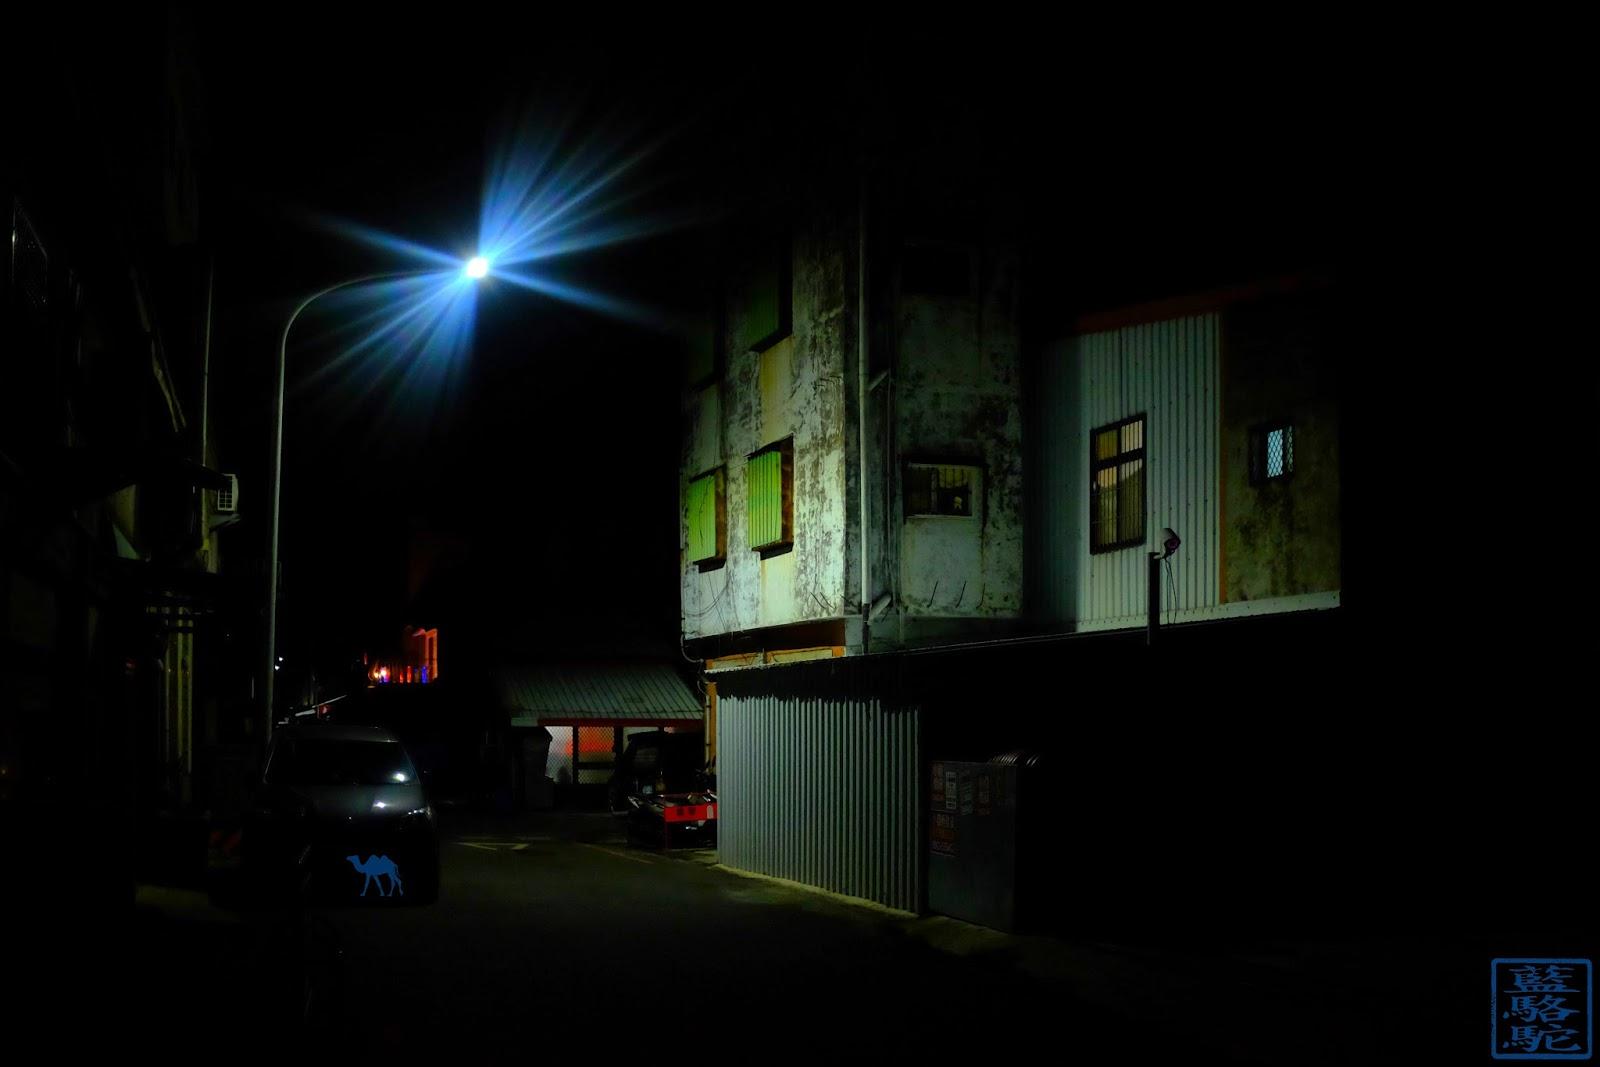 Le Chameau Bleu - Rue de Taitung